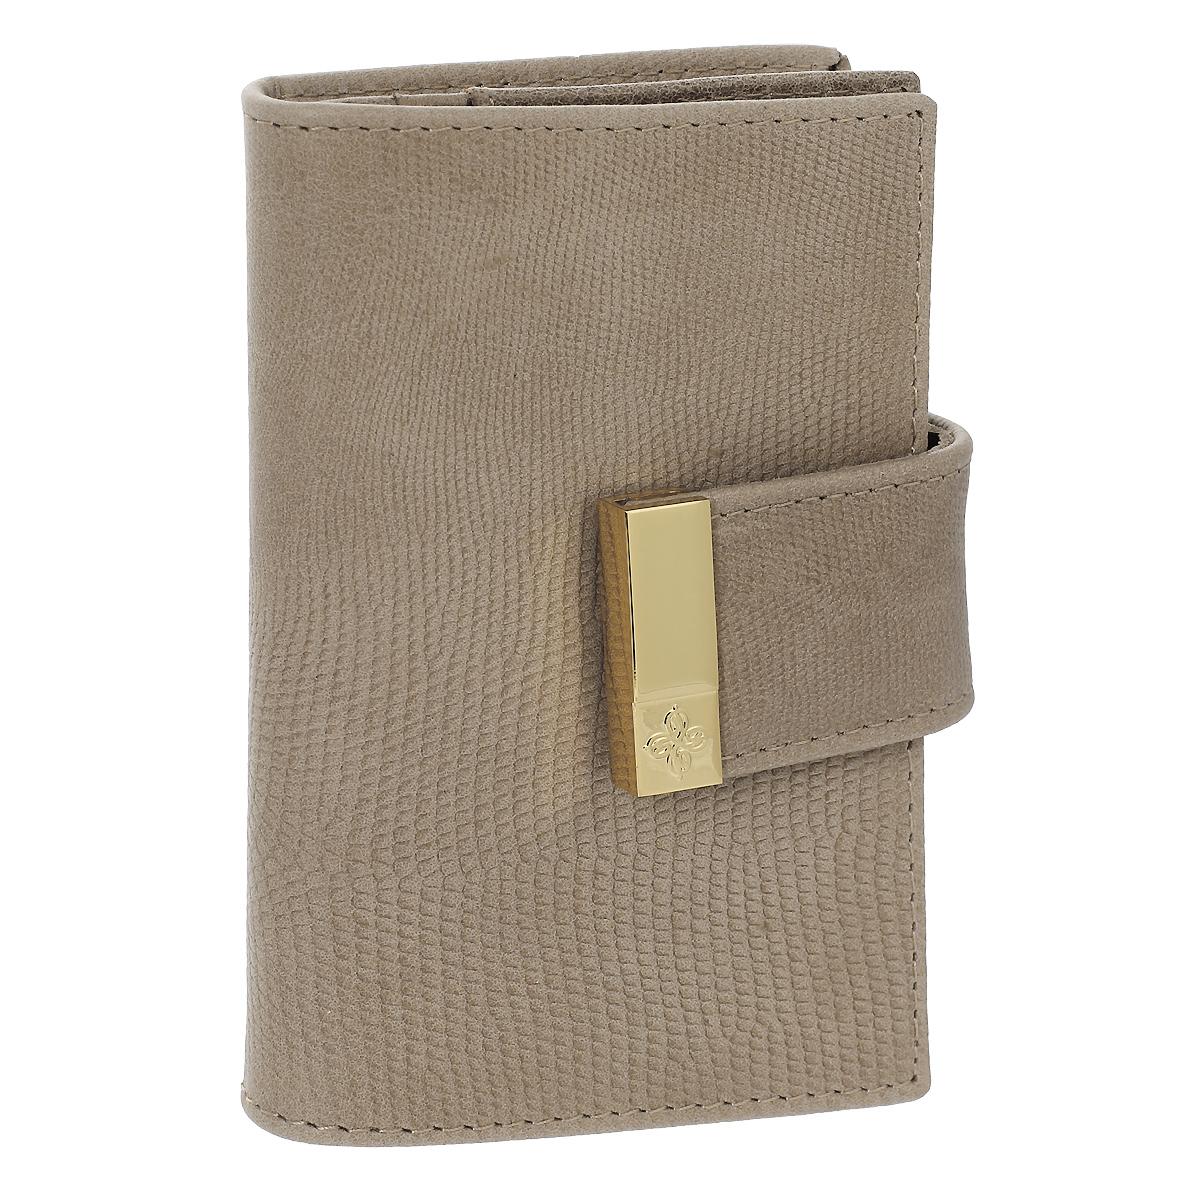 Футляр для кредитных карт Dimanche Elite Beige, цвет: бежевый. 737737Футляр для дисконтных карт Elite Beige выполнен из натуральной мягкой высококачественной кожи с тиснением под кожу варана. Внутри отделение для карт, два накладных кармашка, а также отделение с прозрачным окошком. Футляр закрывается на хлястик с кнопкой. Изделие упаковано в фирменную картонную коробку. Характеристики: Материал: натуральная кожа, текстиль, металл. Цвет: бежевый. Размер футляра: 10,5 см х 7 см х 1,5 см.